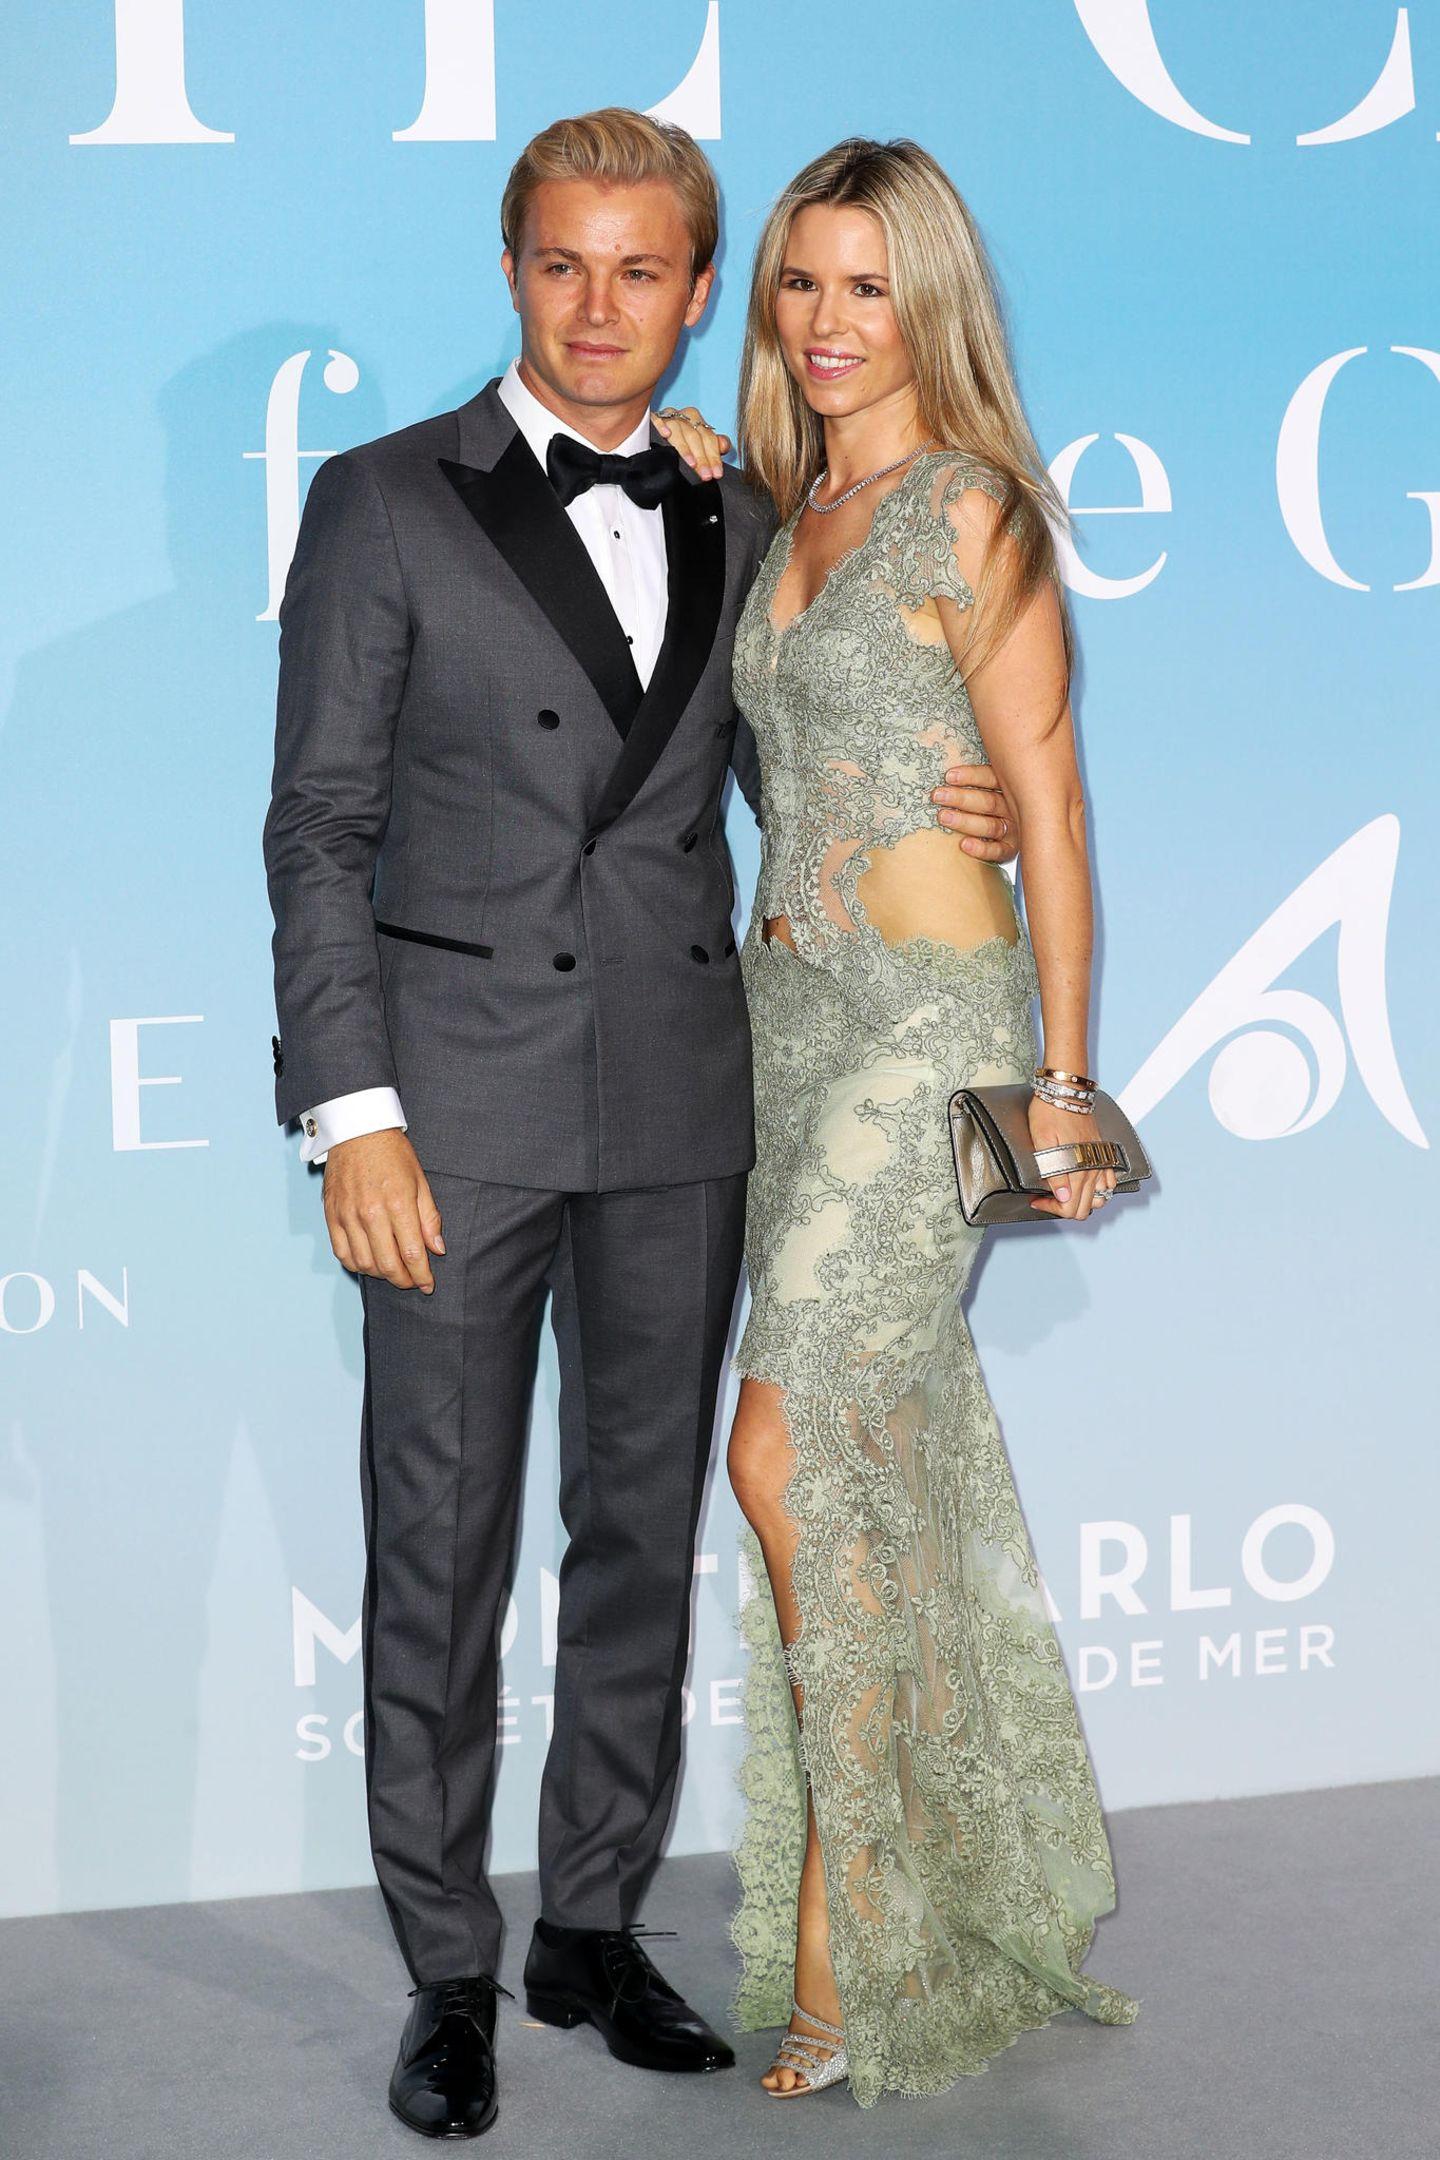 Nico Rosberg und seine Frau Vivian zeigen sich in eleganten Grautönen.